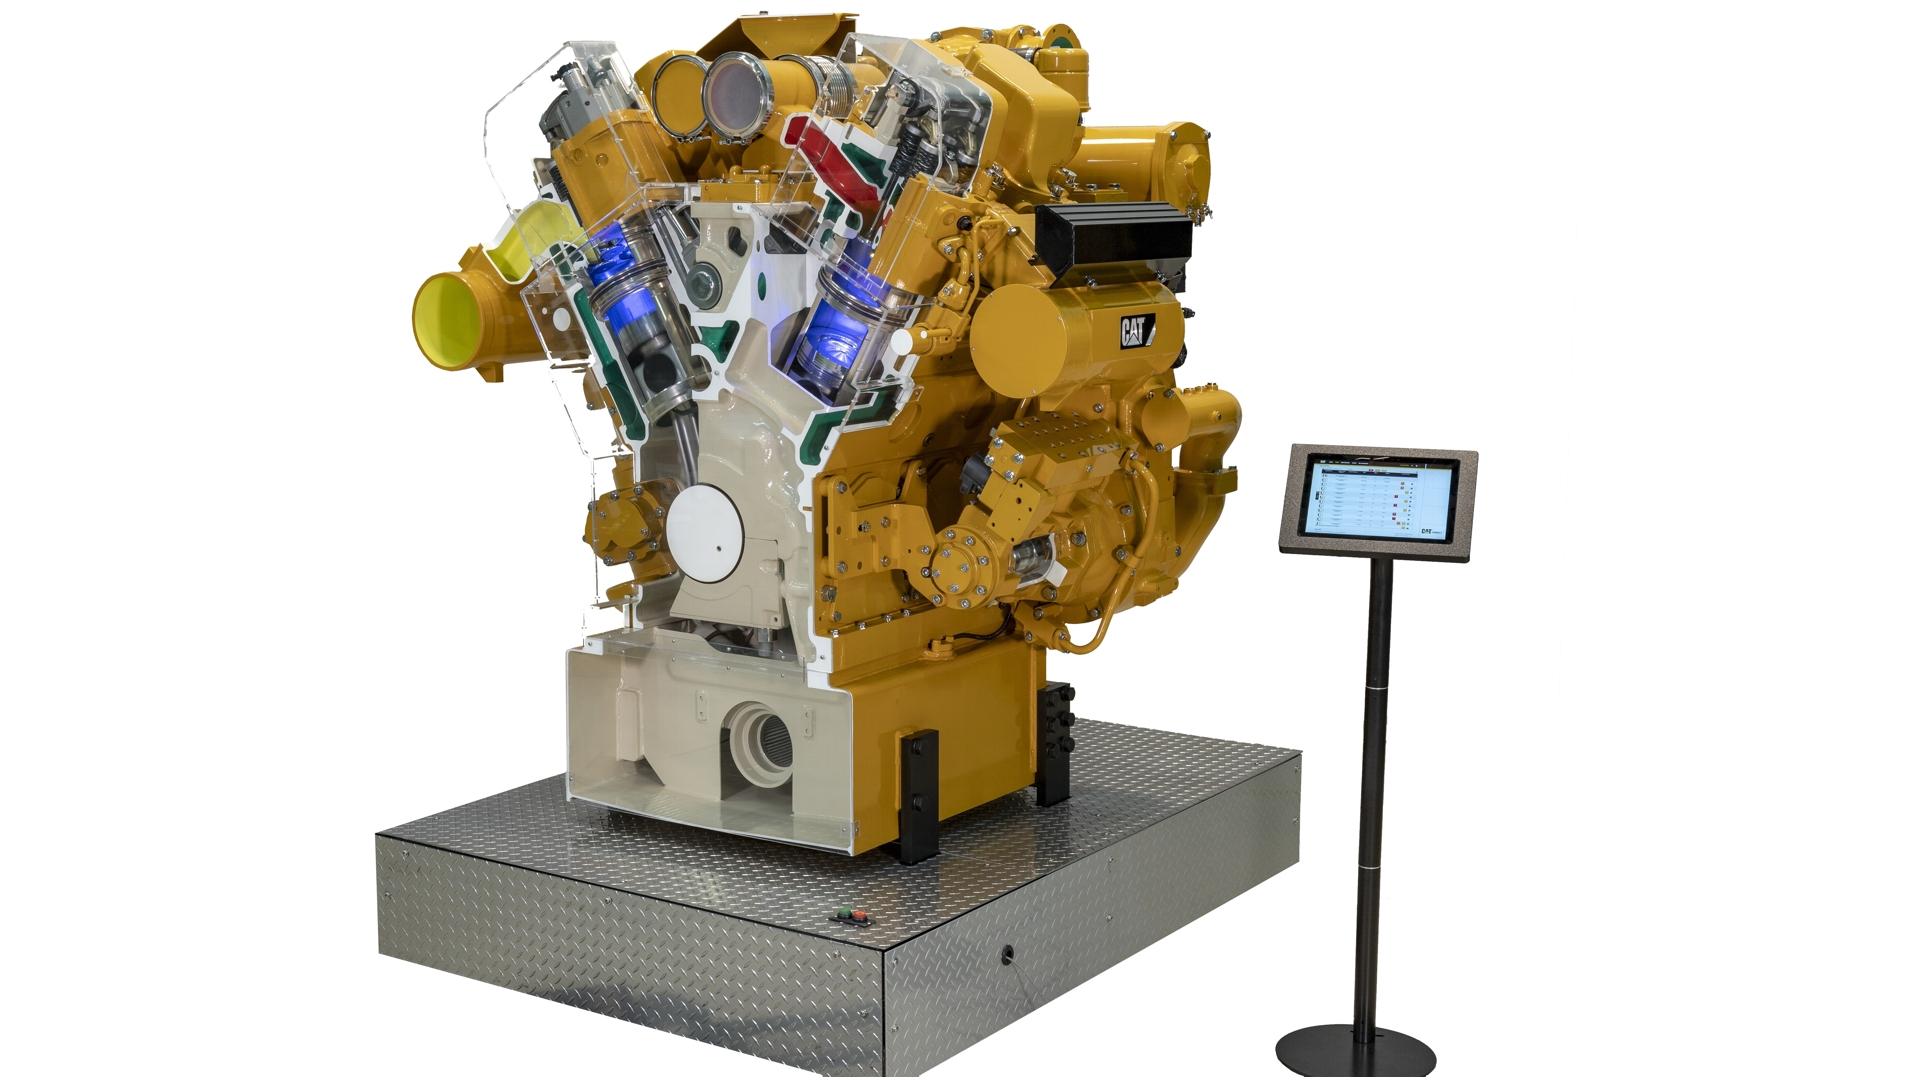 Caterpillar Diesel Engine Simulator